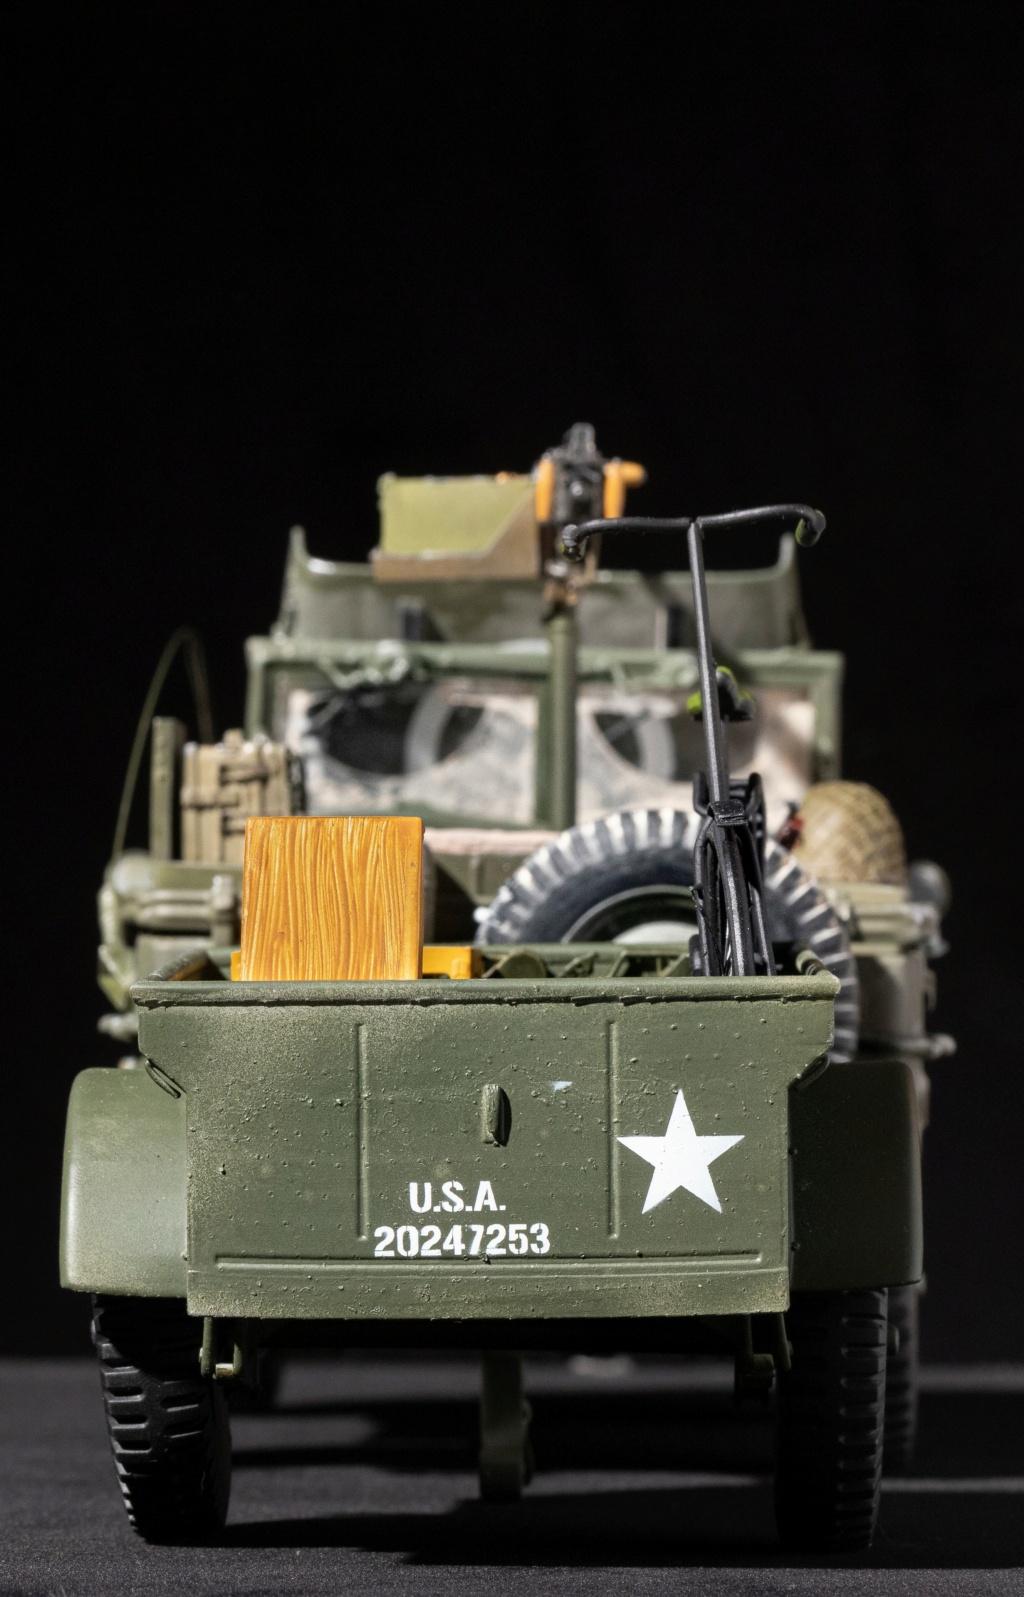 Jeep Willys en résine 3D au 1/24 et au 1/12 avec épave ( deuxième partie et fin au 1/24 ) - Page 30 Img_8649